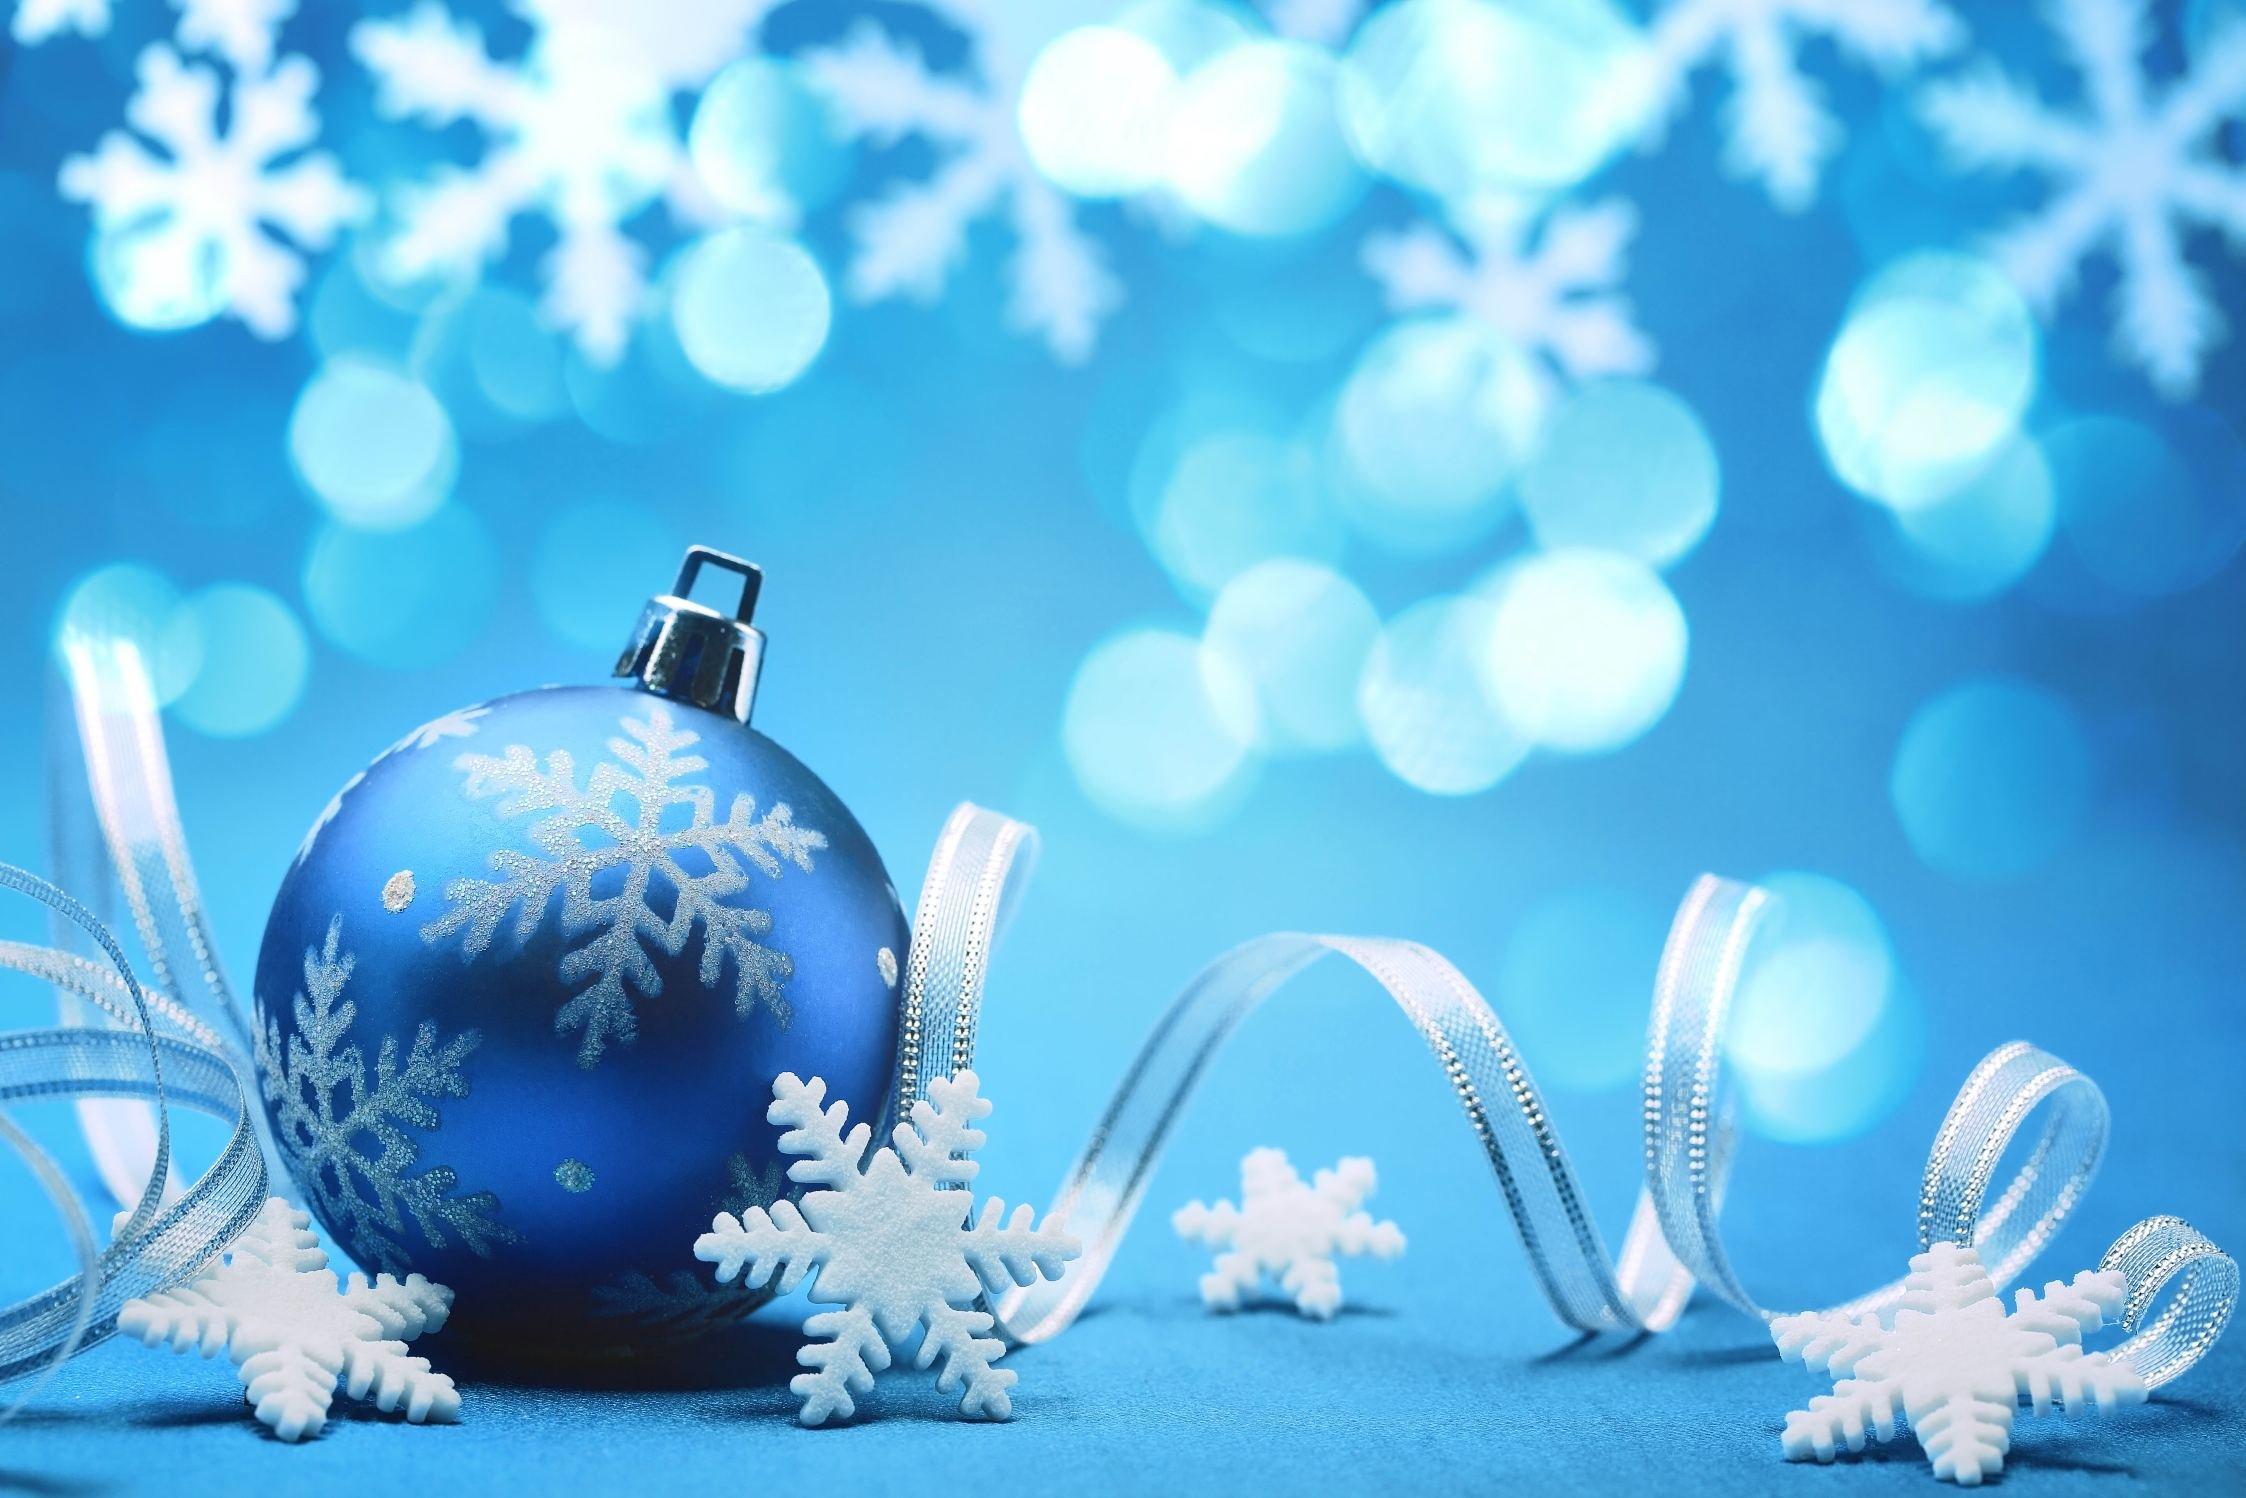 Здоровья и добра в новом году!